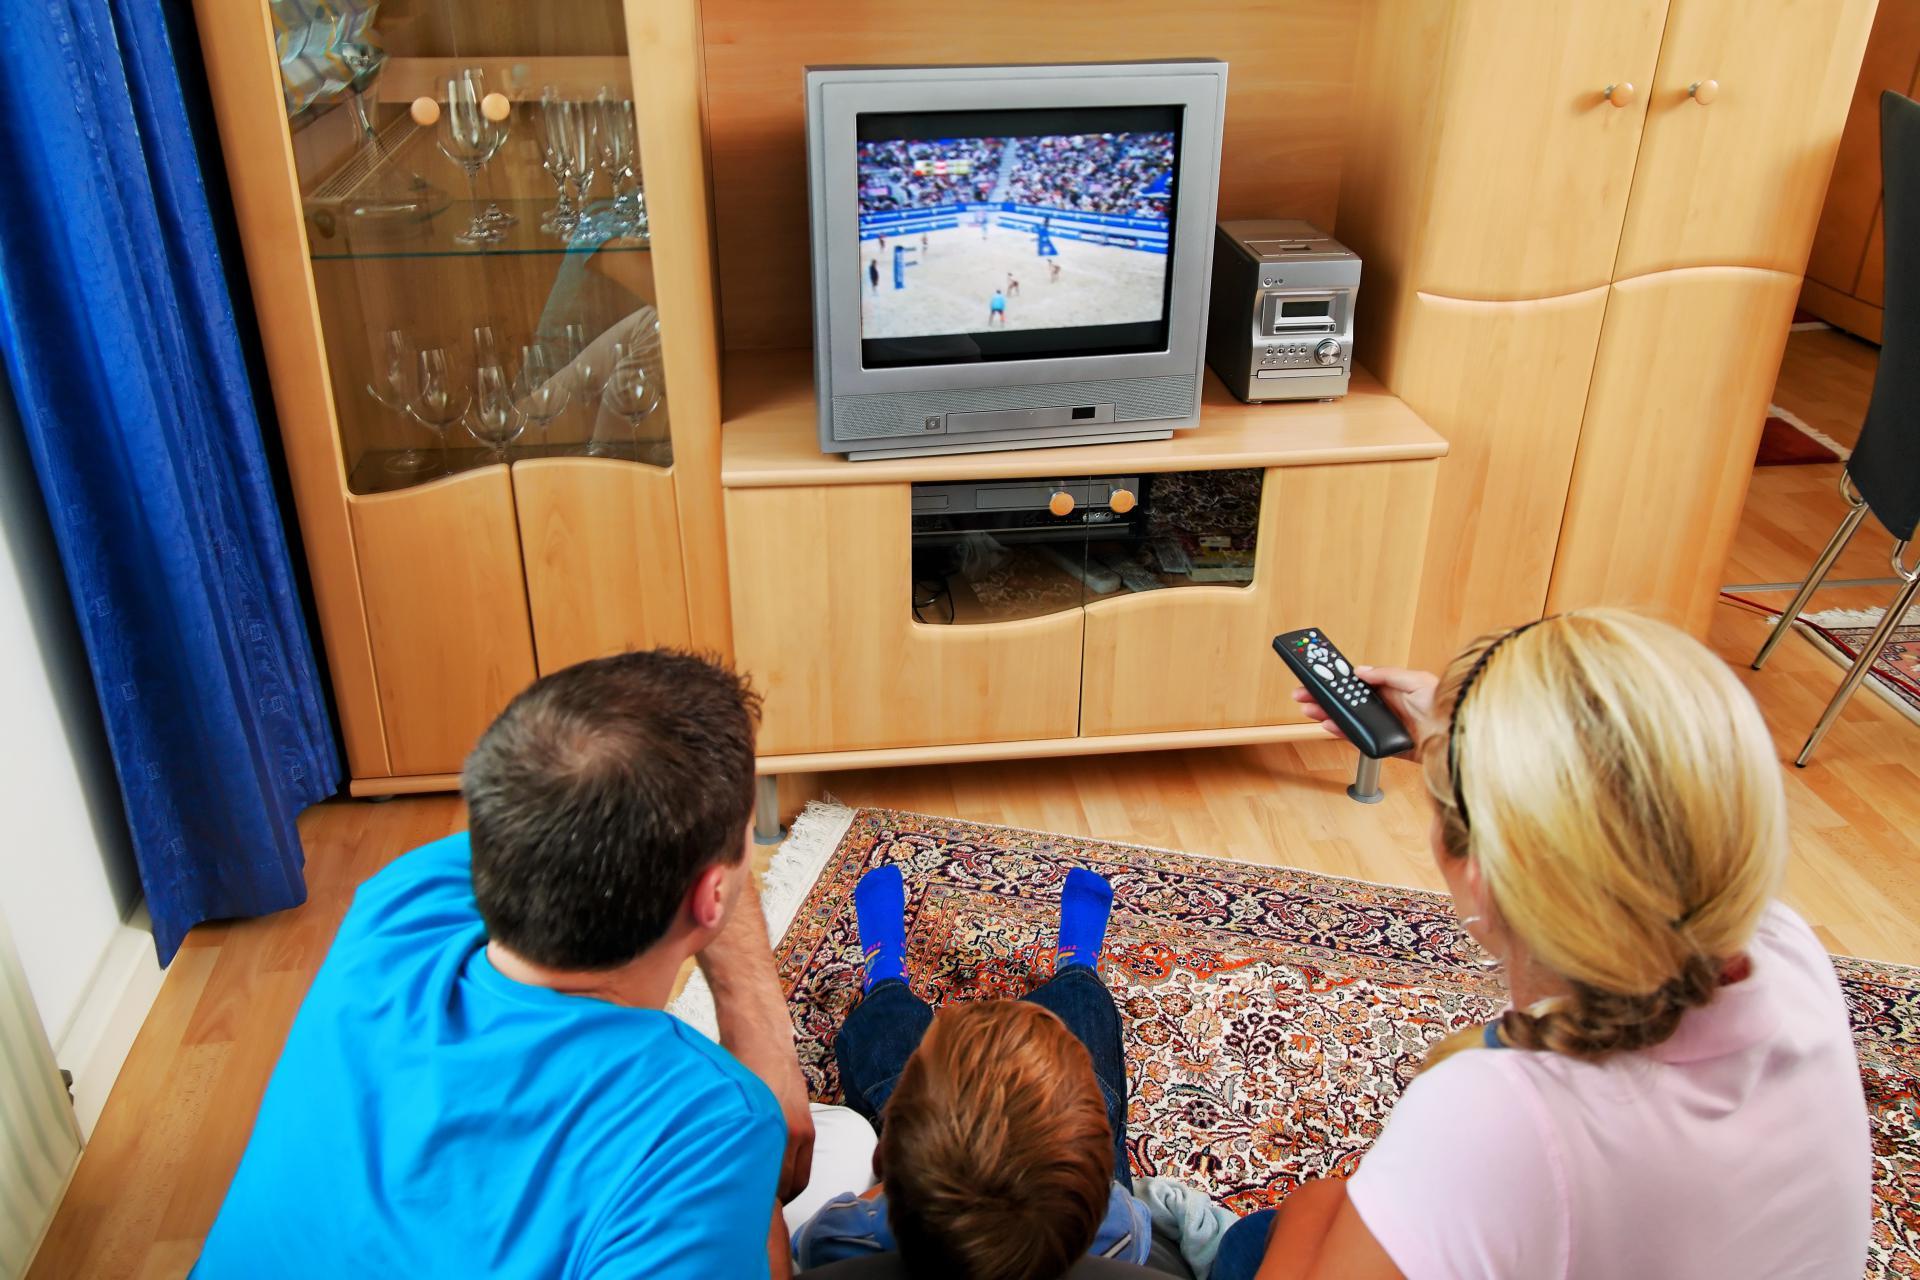 Новое поколение эфирного телевидения_цифровое качество формата Т2 - цифровое телевидение т2